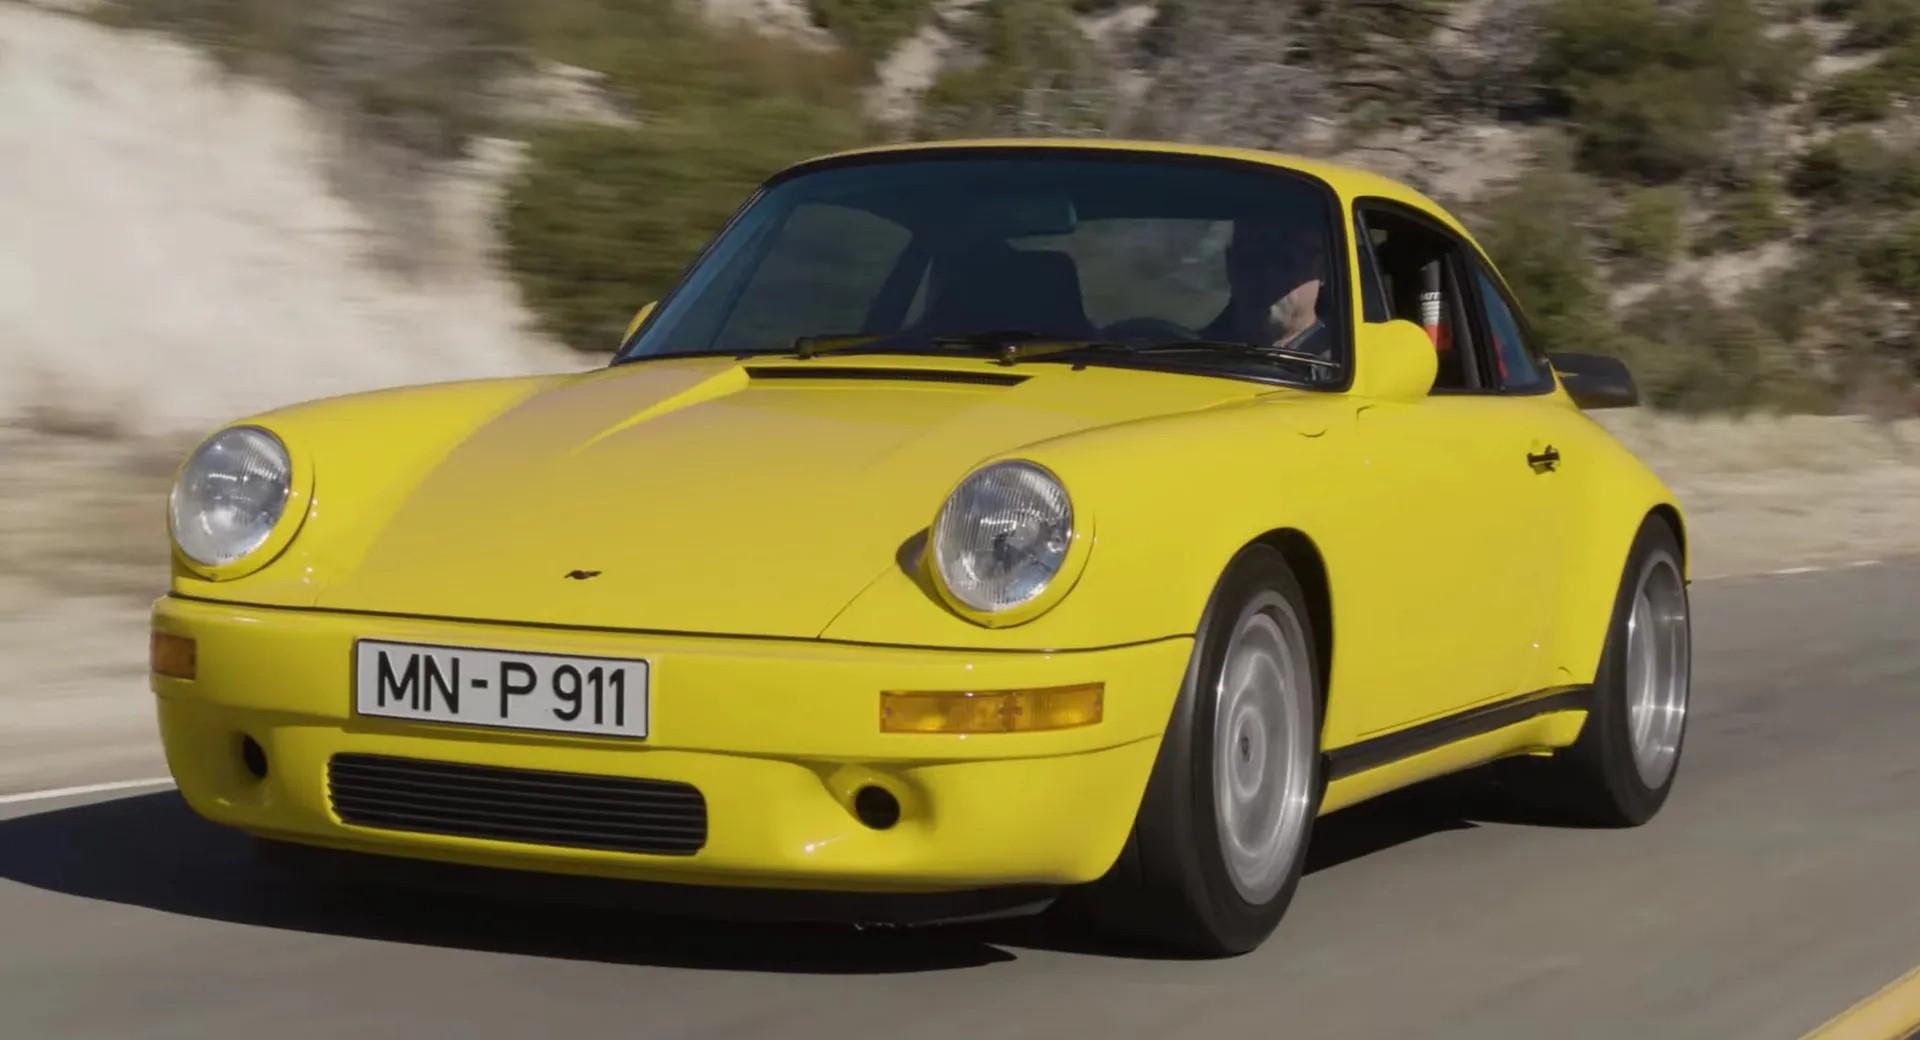 Лишь люди постарше помнят легендарный спорткар RUF CTR Yellowbird на базе Porsche 911, вышедший в 1987 году и установивший массу рекордов. В новых видео популярный видеоблогер Mэтт Фара рассказывает молодёжи, чем была так примечательна «Жёлтая птица».